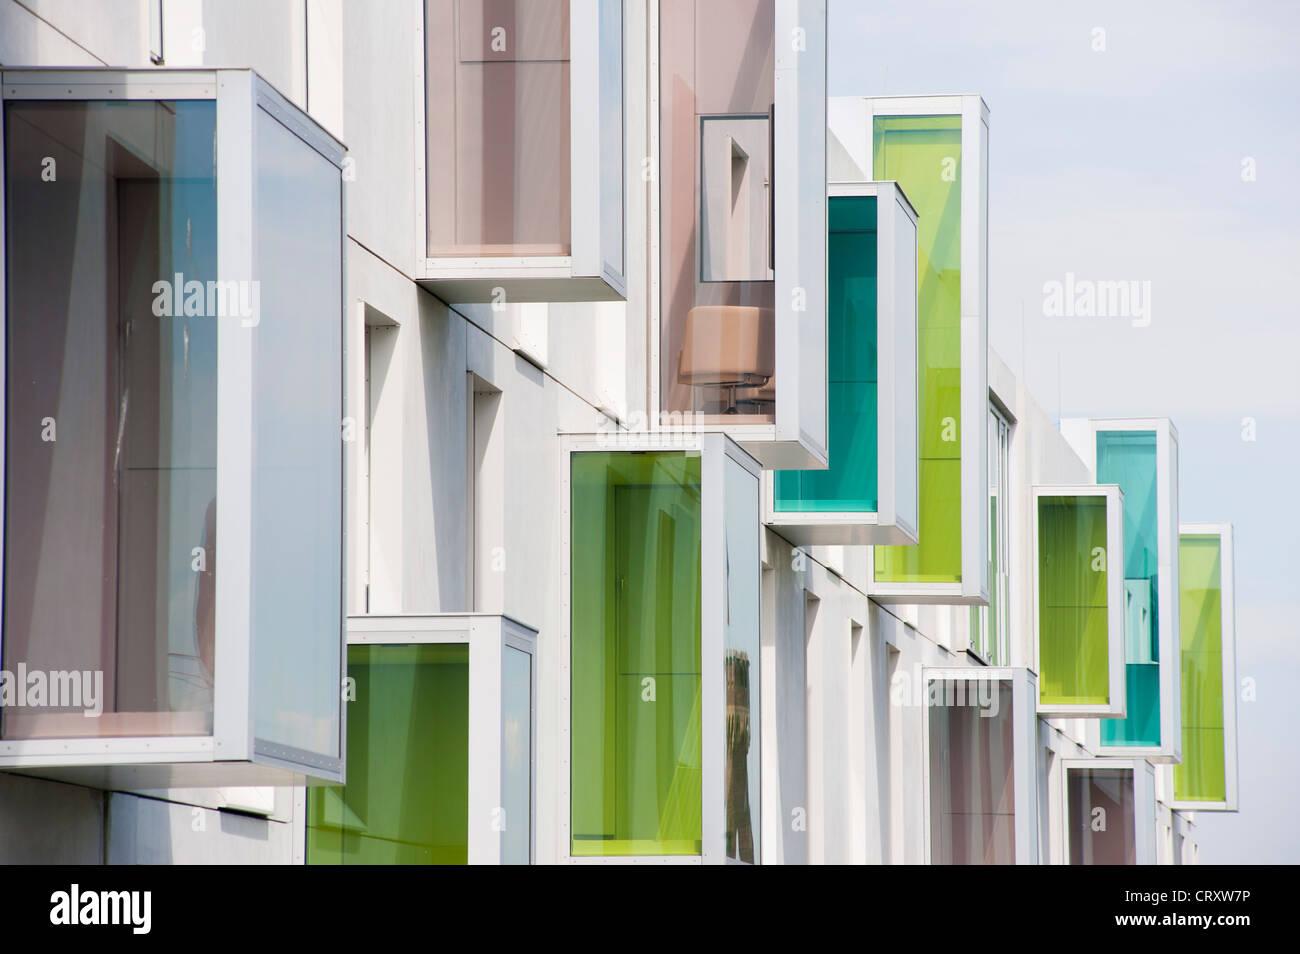 Esterno del modern art'otel con architettura inusuale nel quartiere Rheinauhafen Colonia Germania Immagini Stock